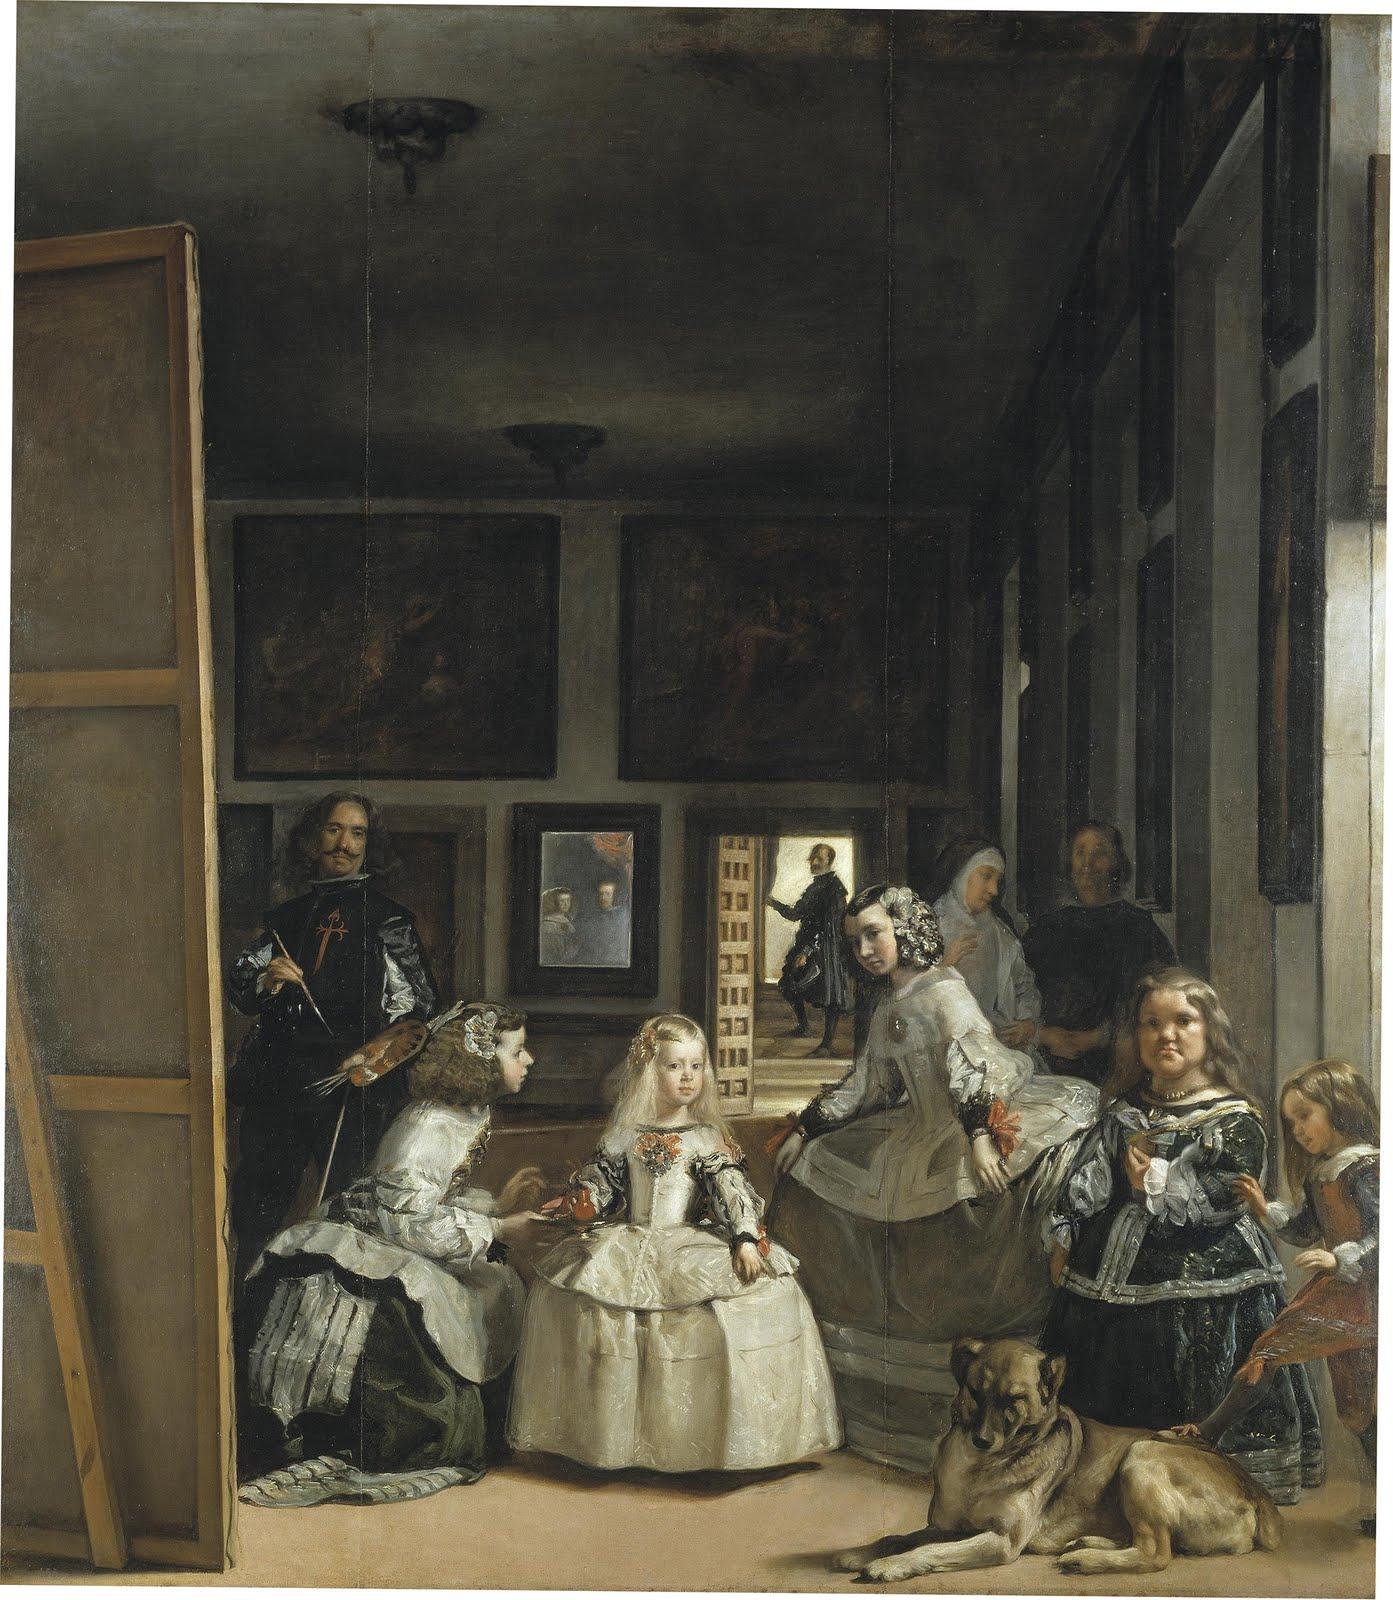 Les Ménines - Diego de Velazquez, 1656